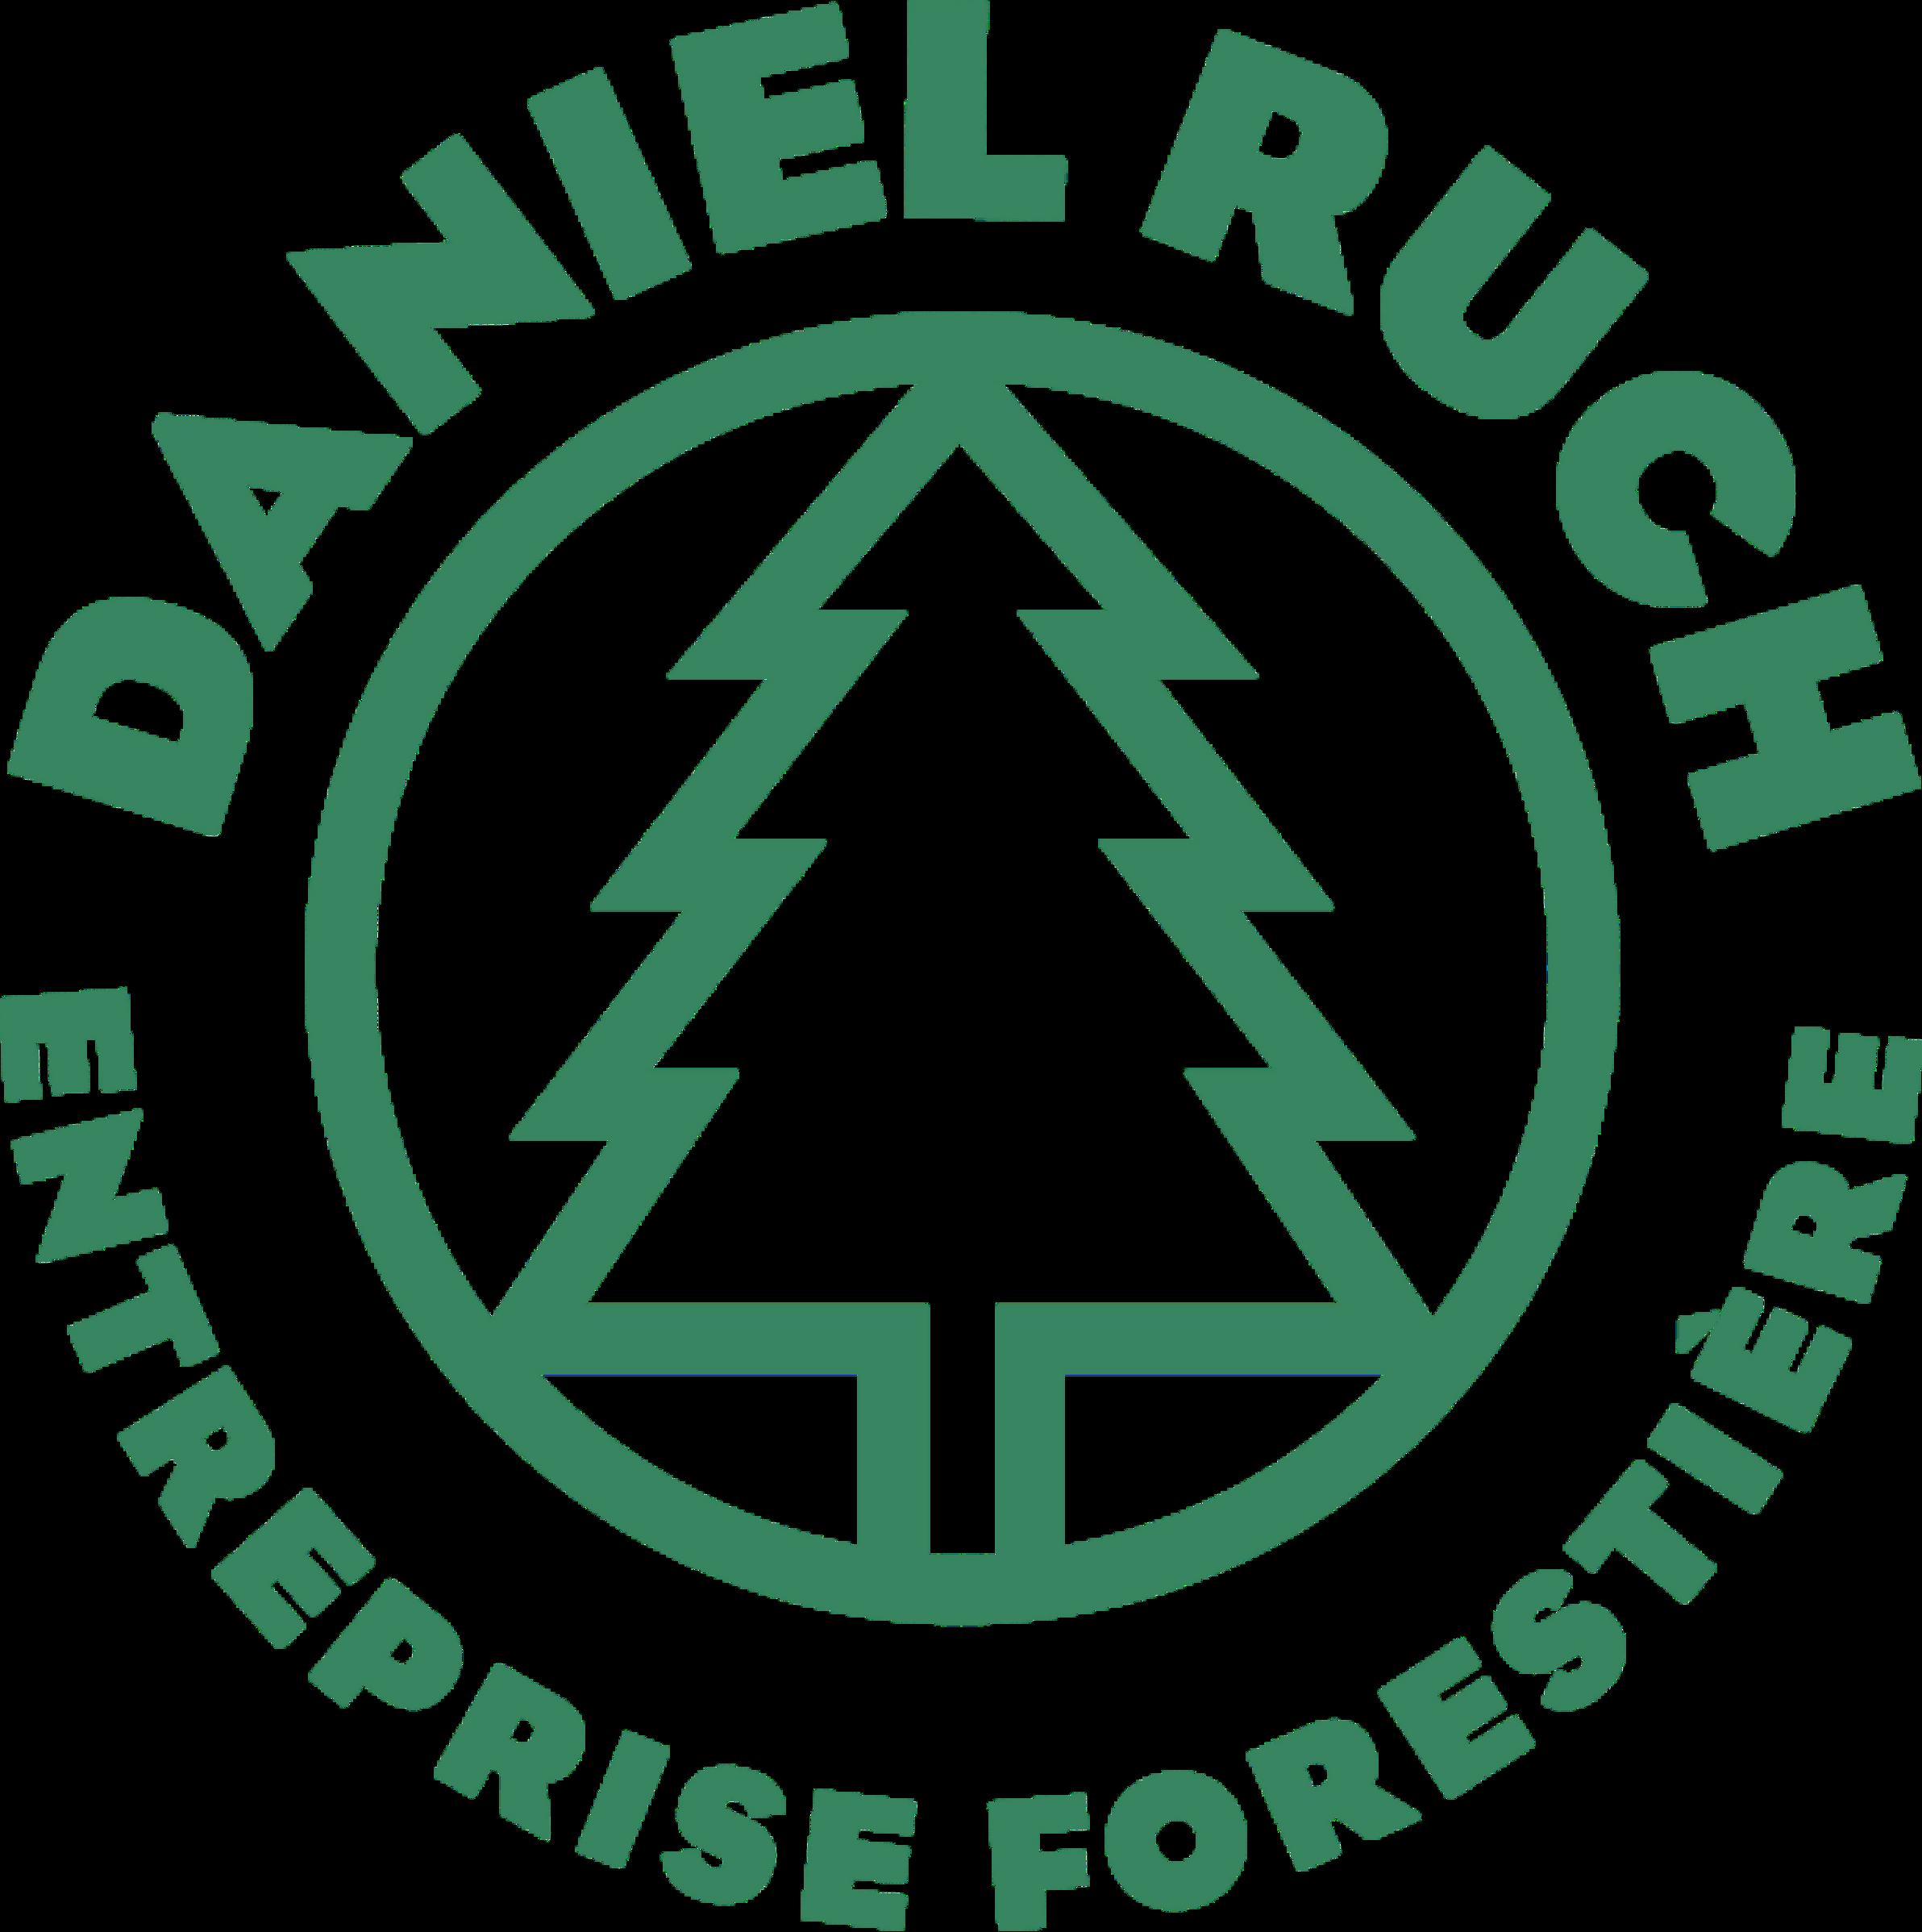 Entreprise forestière Daniel Ruch SA